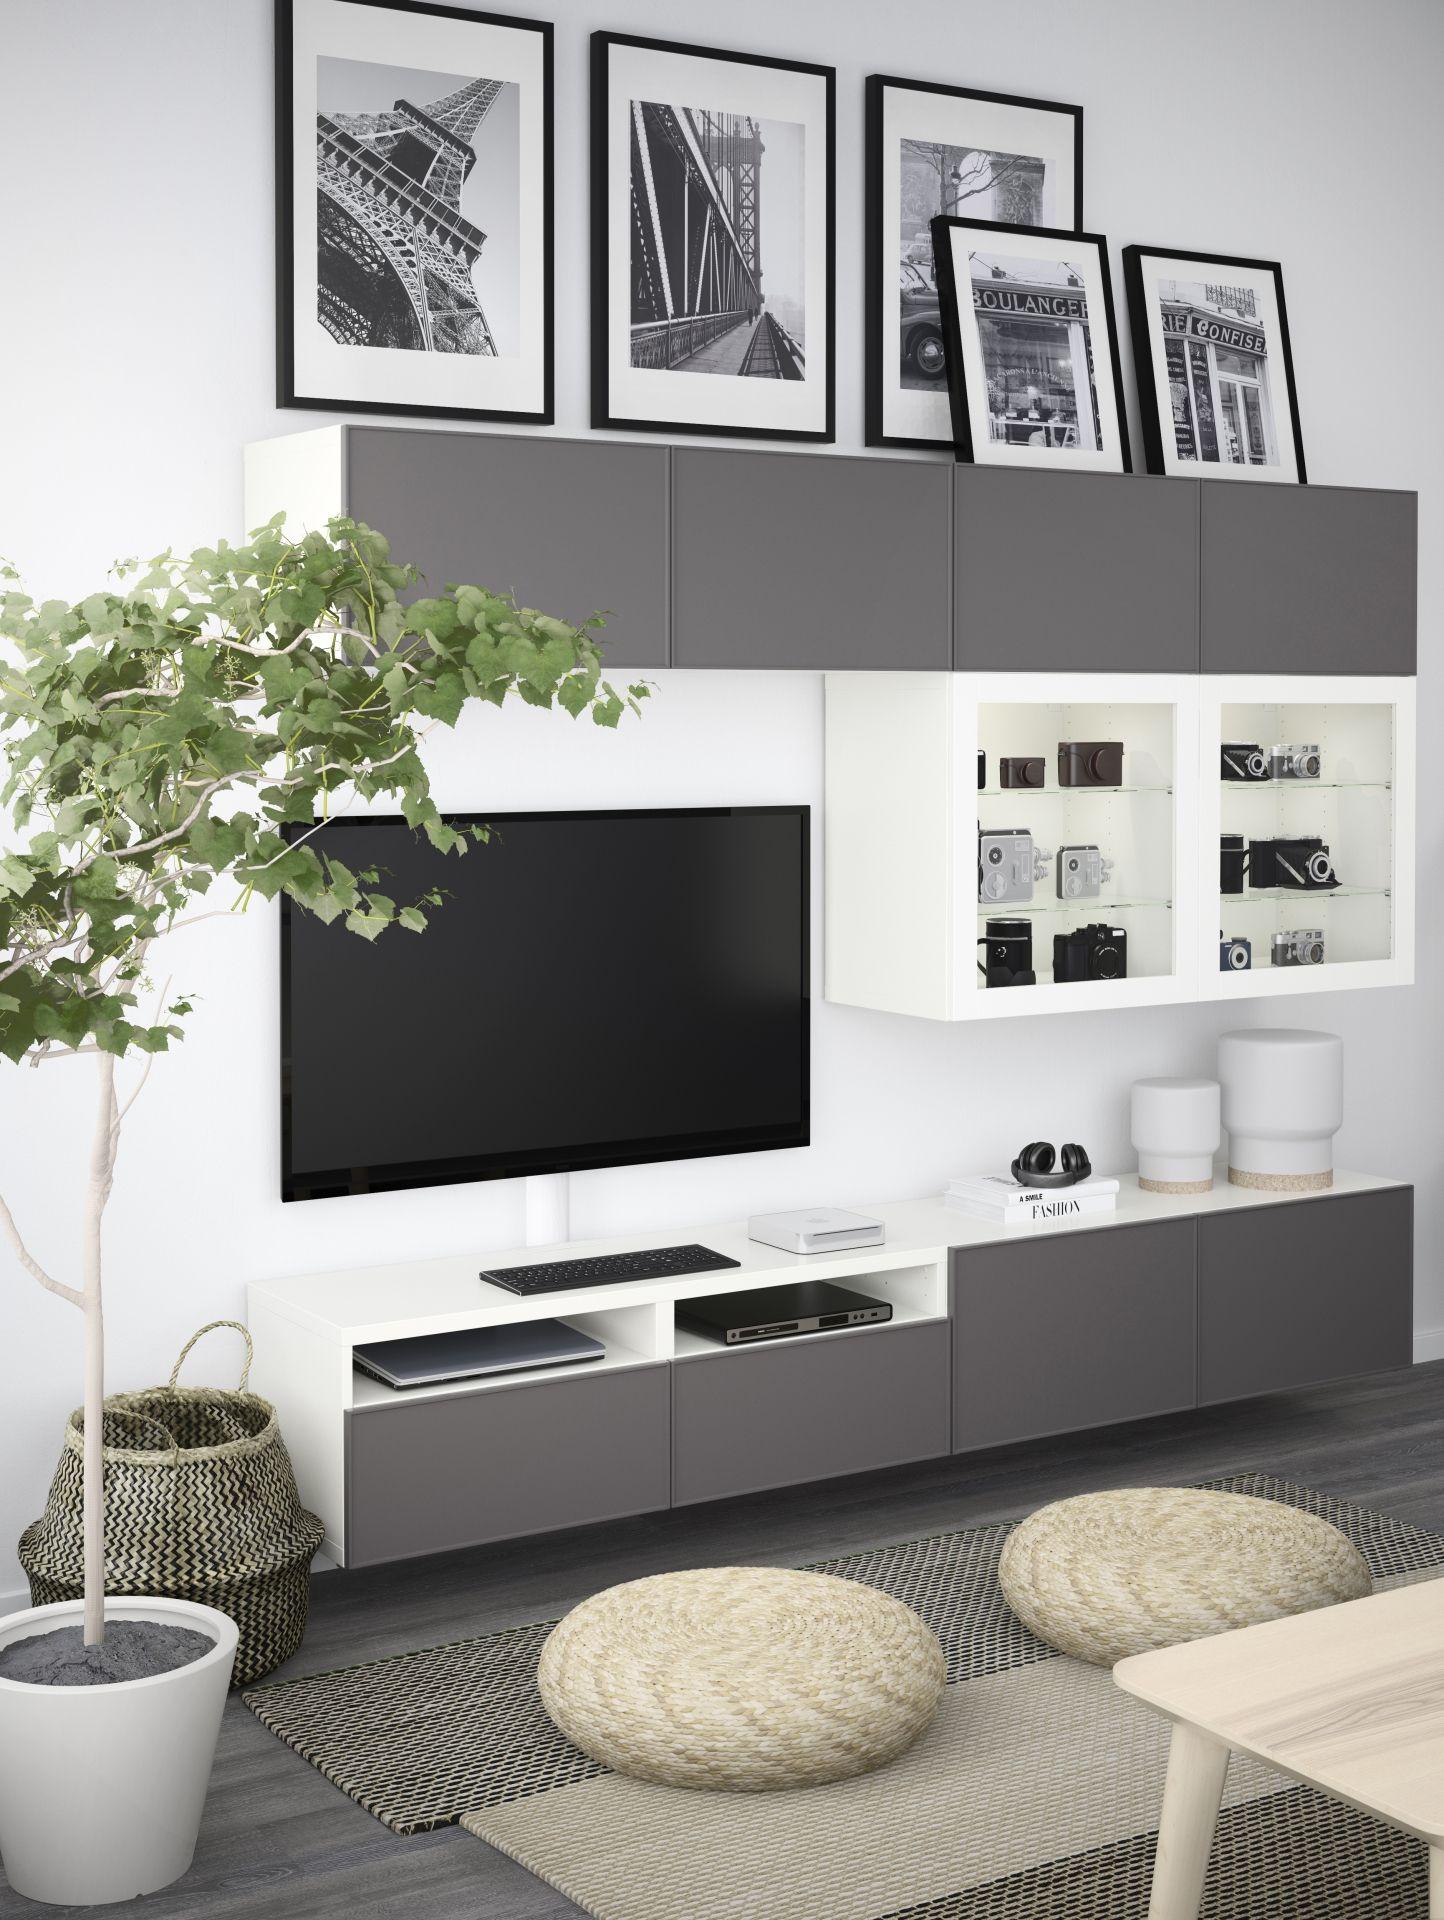 Full Size of Wohnzimmerschränke Ikea Mbel Einrichtungsideen Fr Dein Zuhause Wohnzimmer Küche Kaufen Miniküche Betten 160x200 Modulküche Kosten Bei Sofa Mit Wohnzimmer Wohnzimmerschränke Ikea